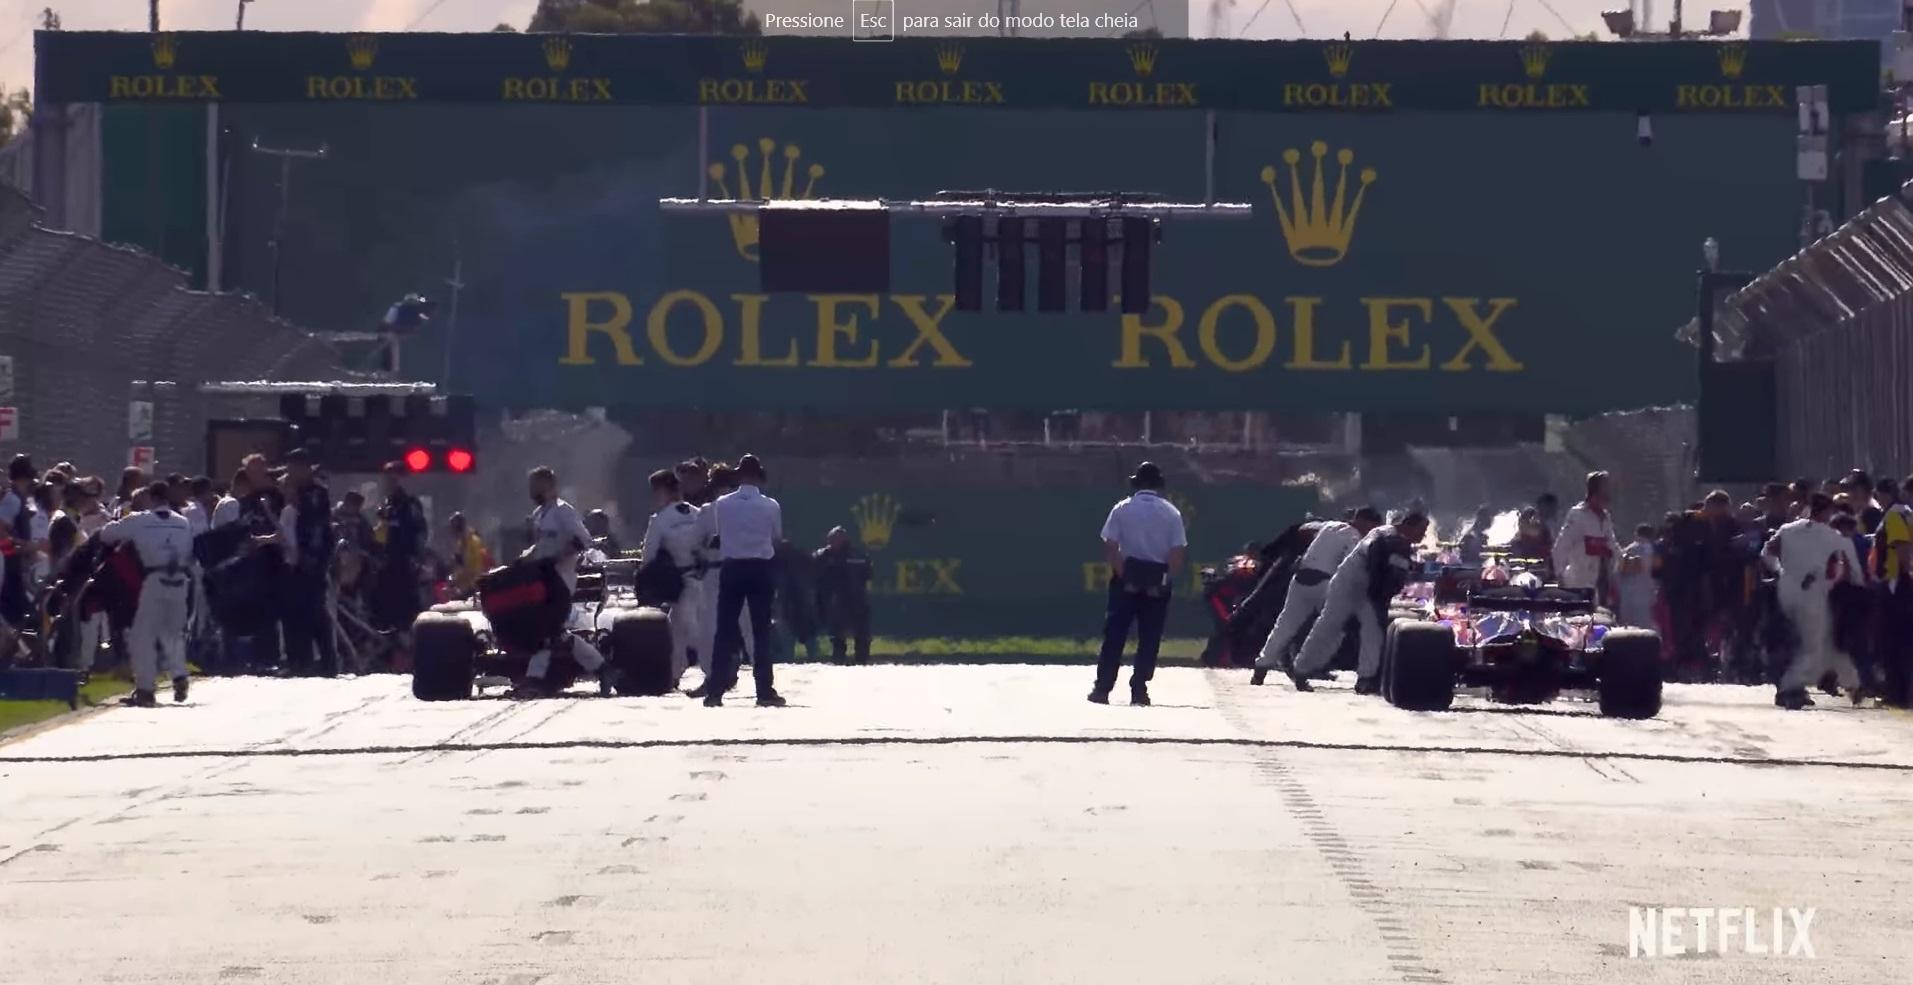 Fórmula 1 e a Netflix divulgam detalhes de série sobre a categoria